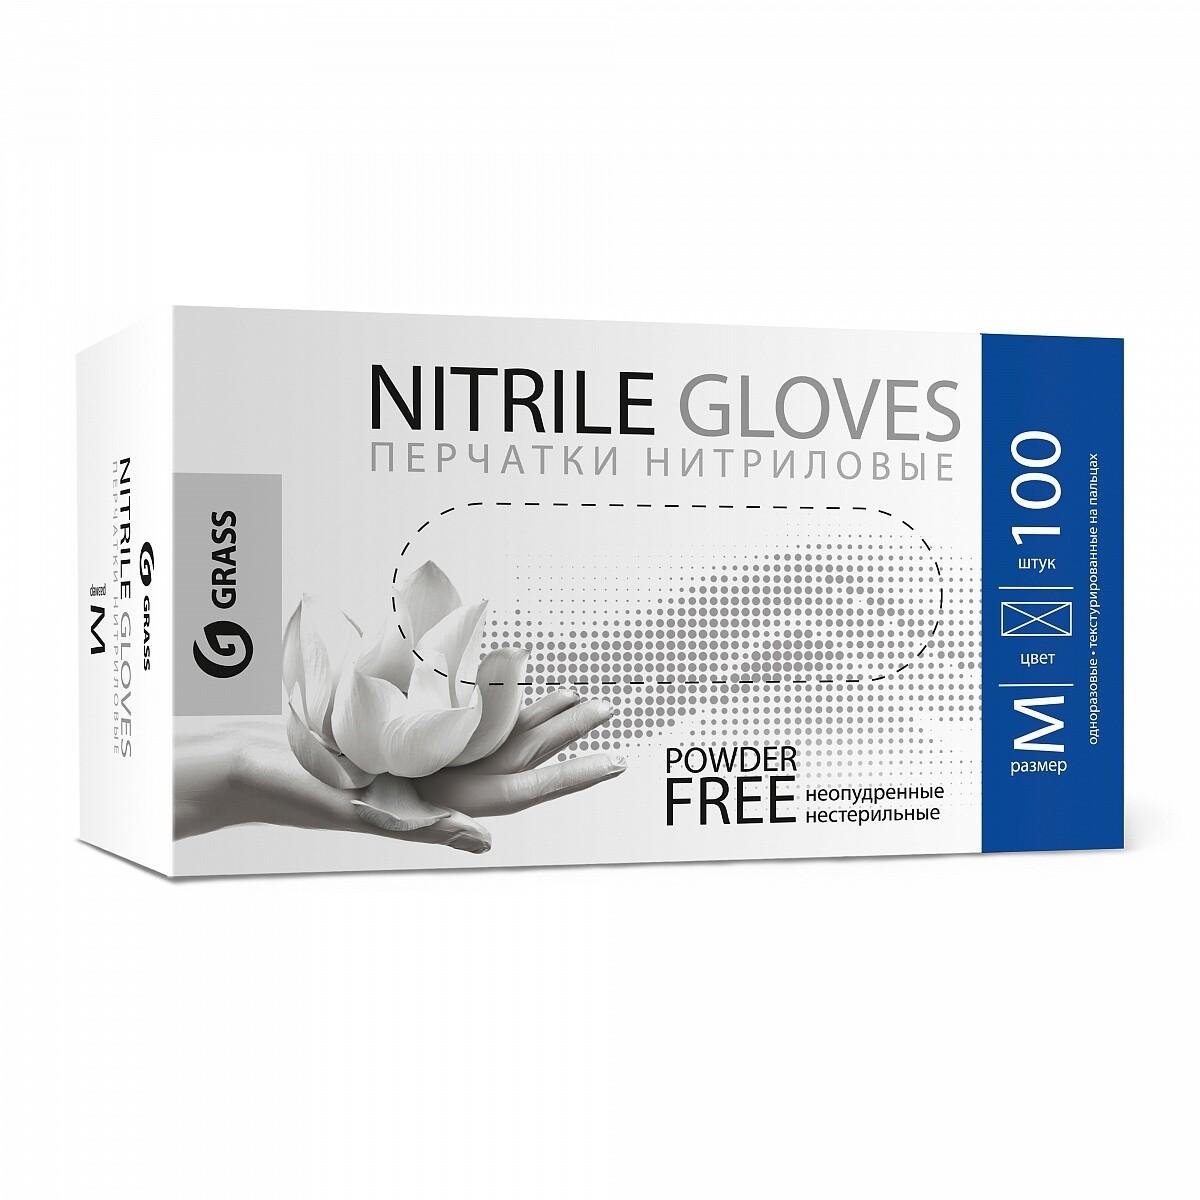 Перчатки нитриловые бесцветные, размер M (короб 100 штук)